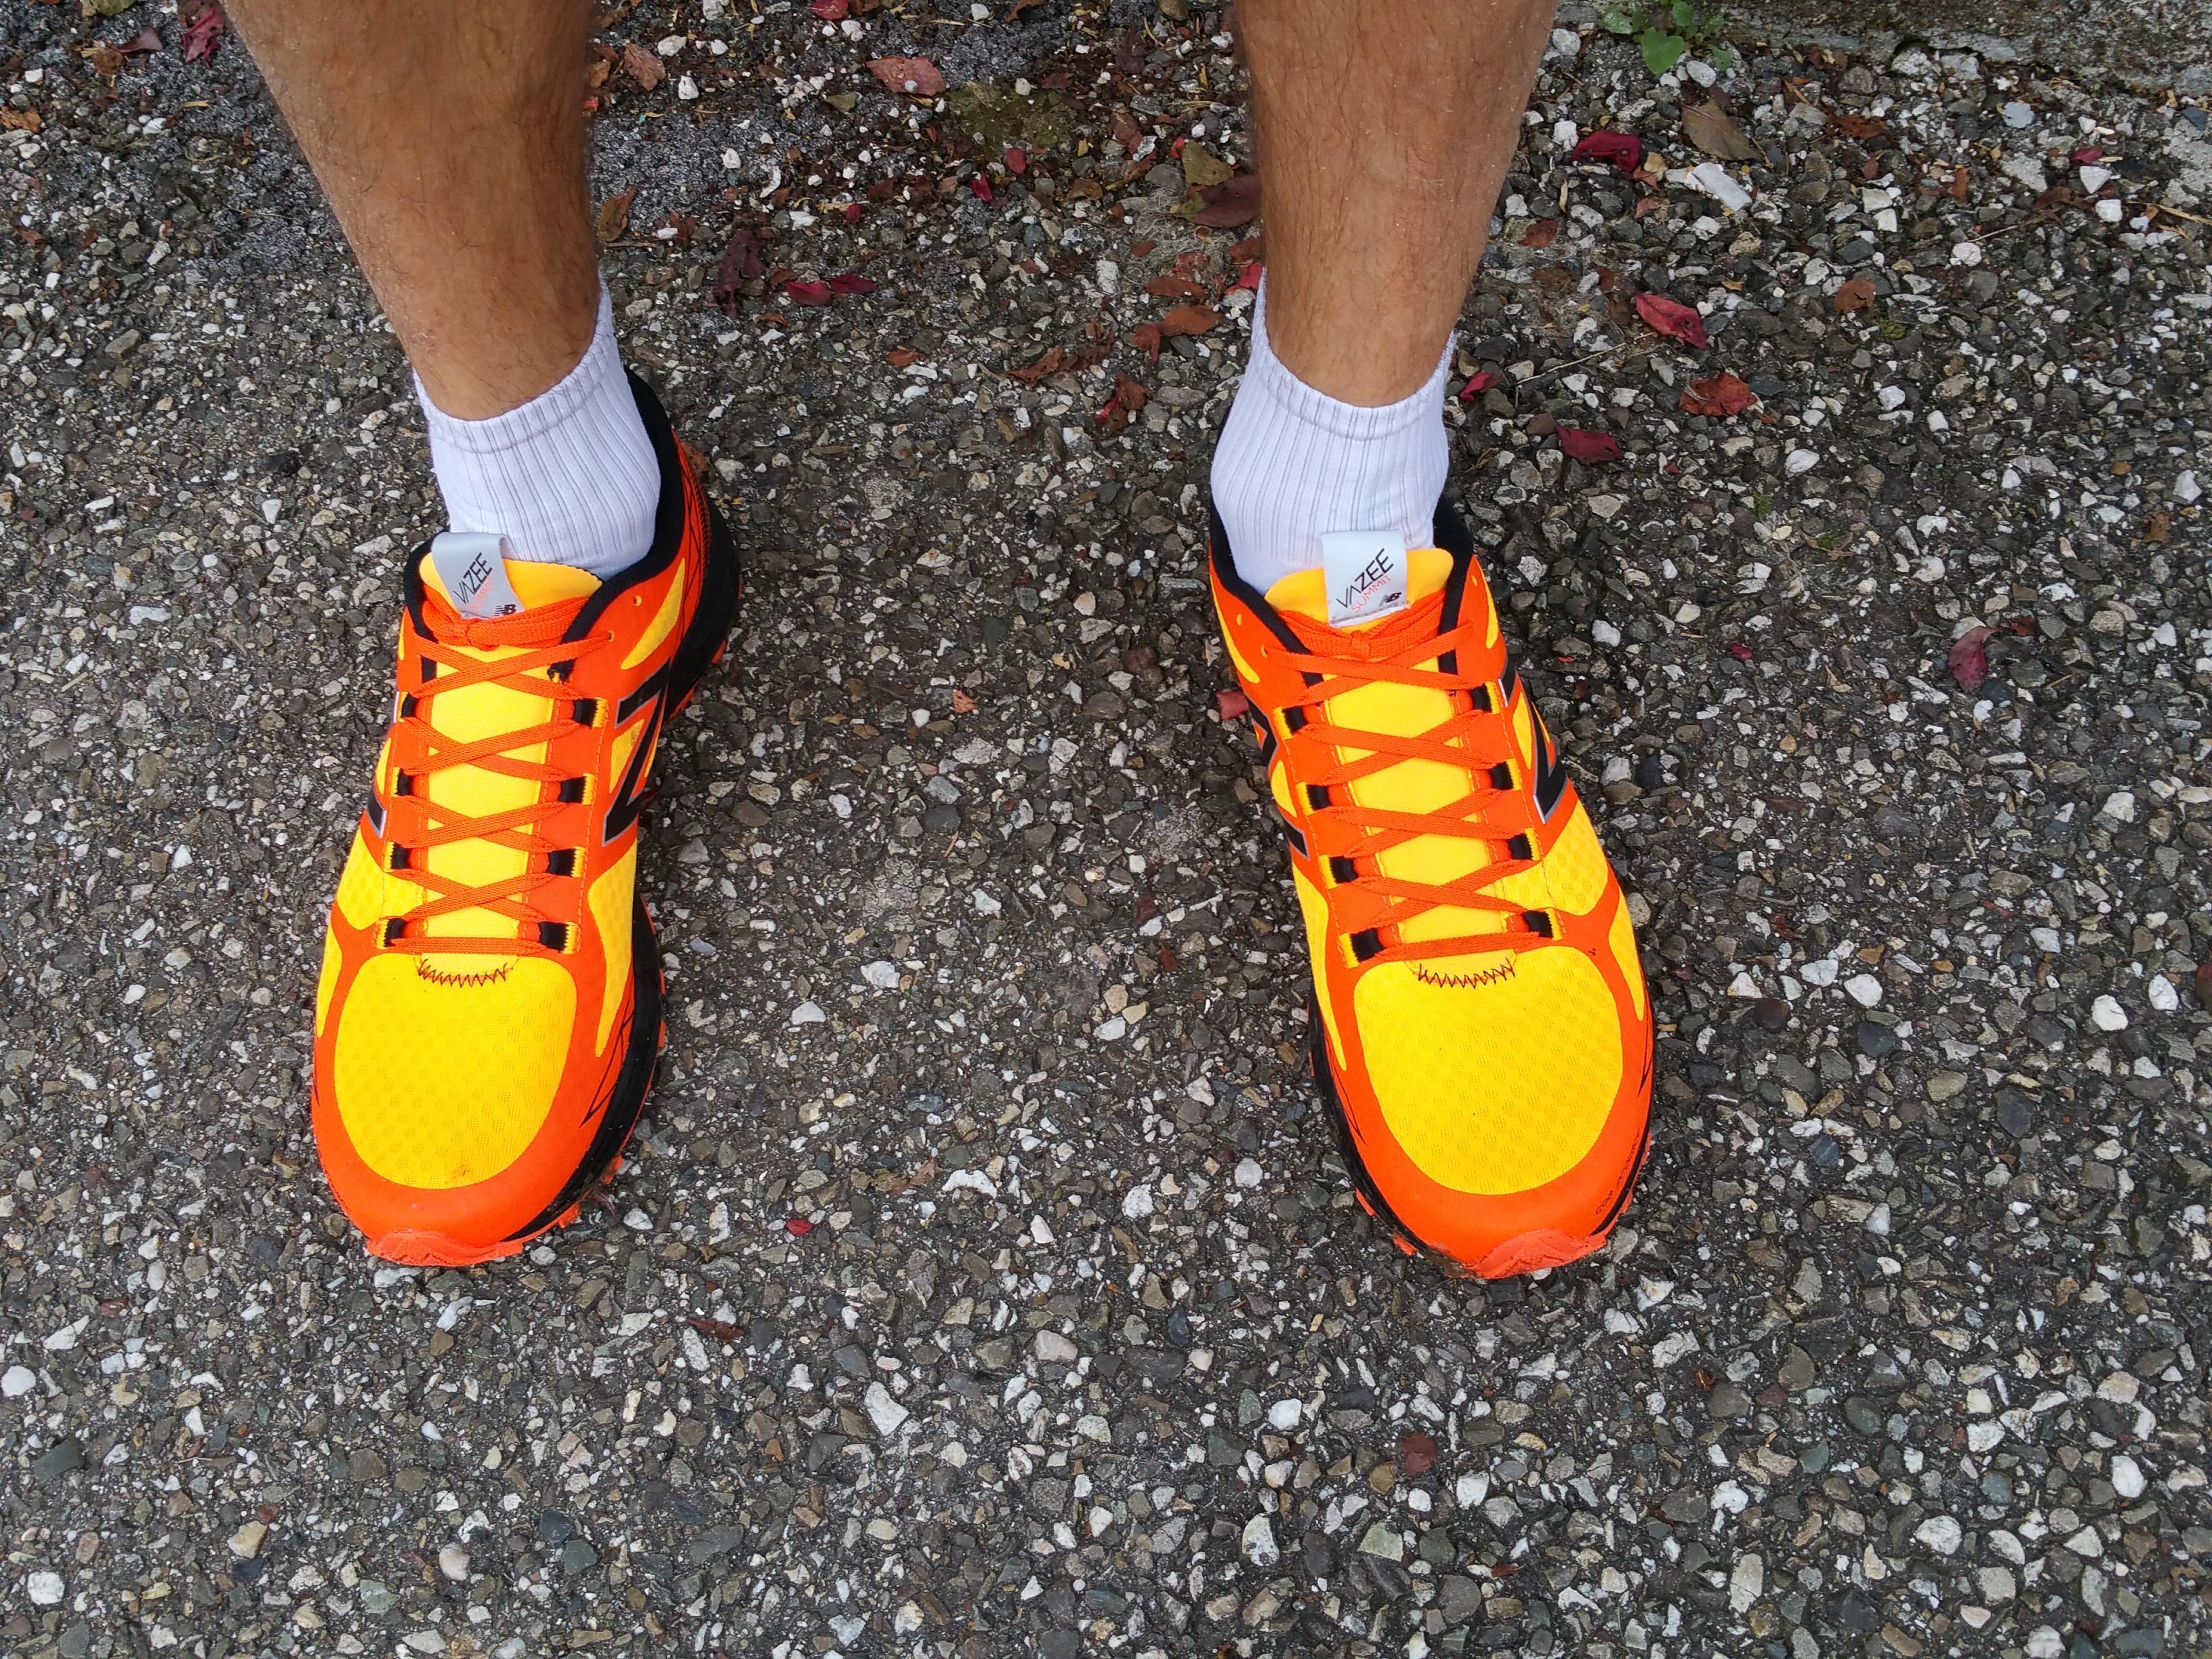 ... de trouver des chaussures légères et dynamiques pour des trails plutôt  courts (moins de 40km) 2506b51723